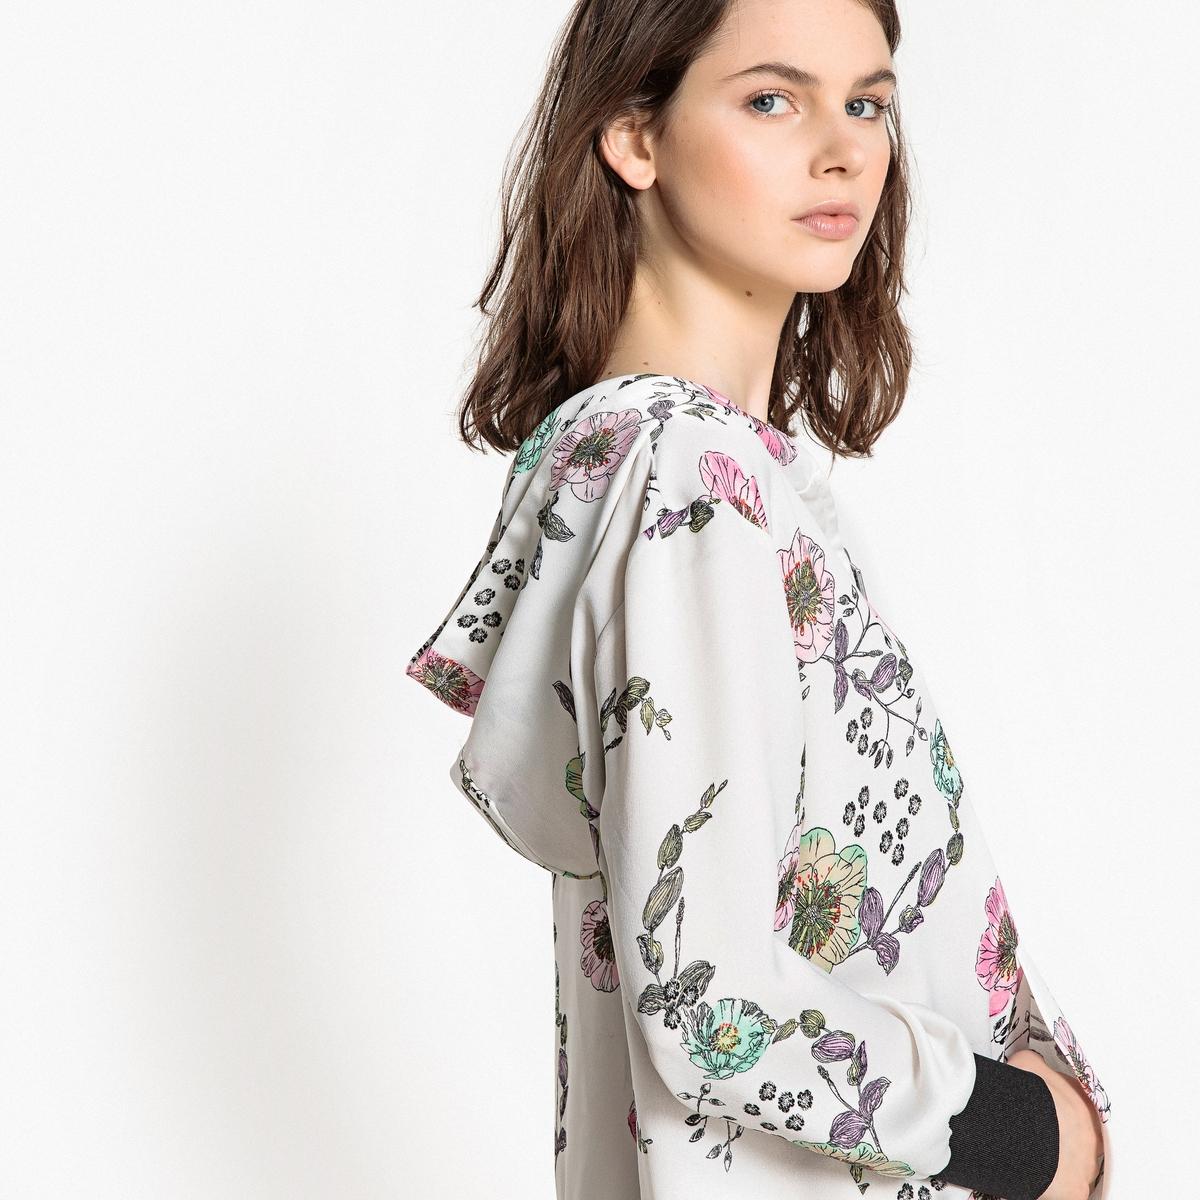 Платье с цветочным рисунком, застежкой на молнию спереди и капюшоном